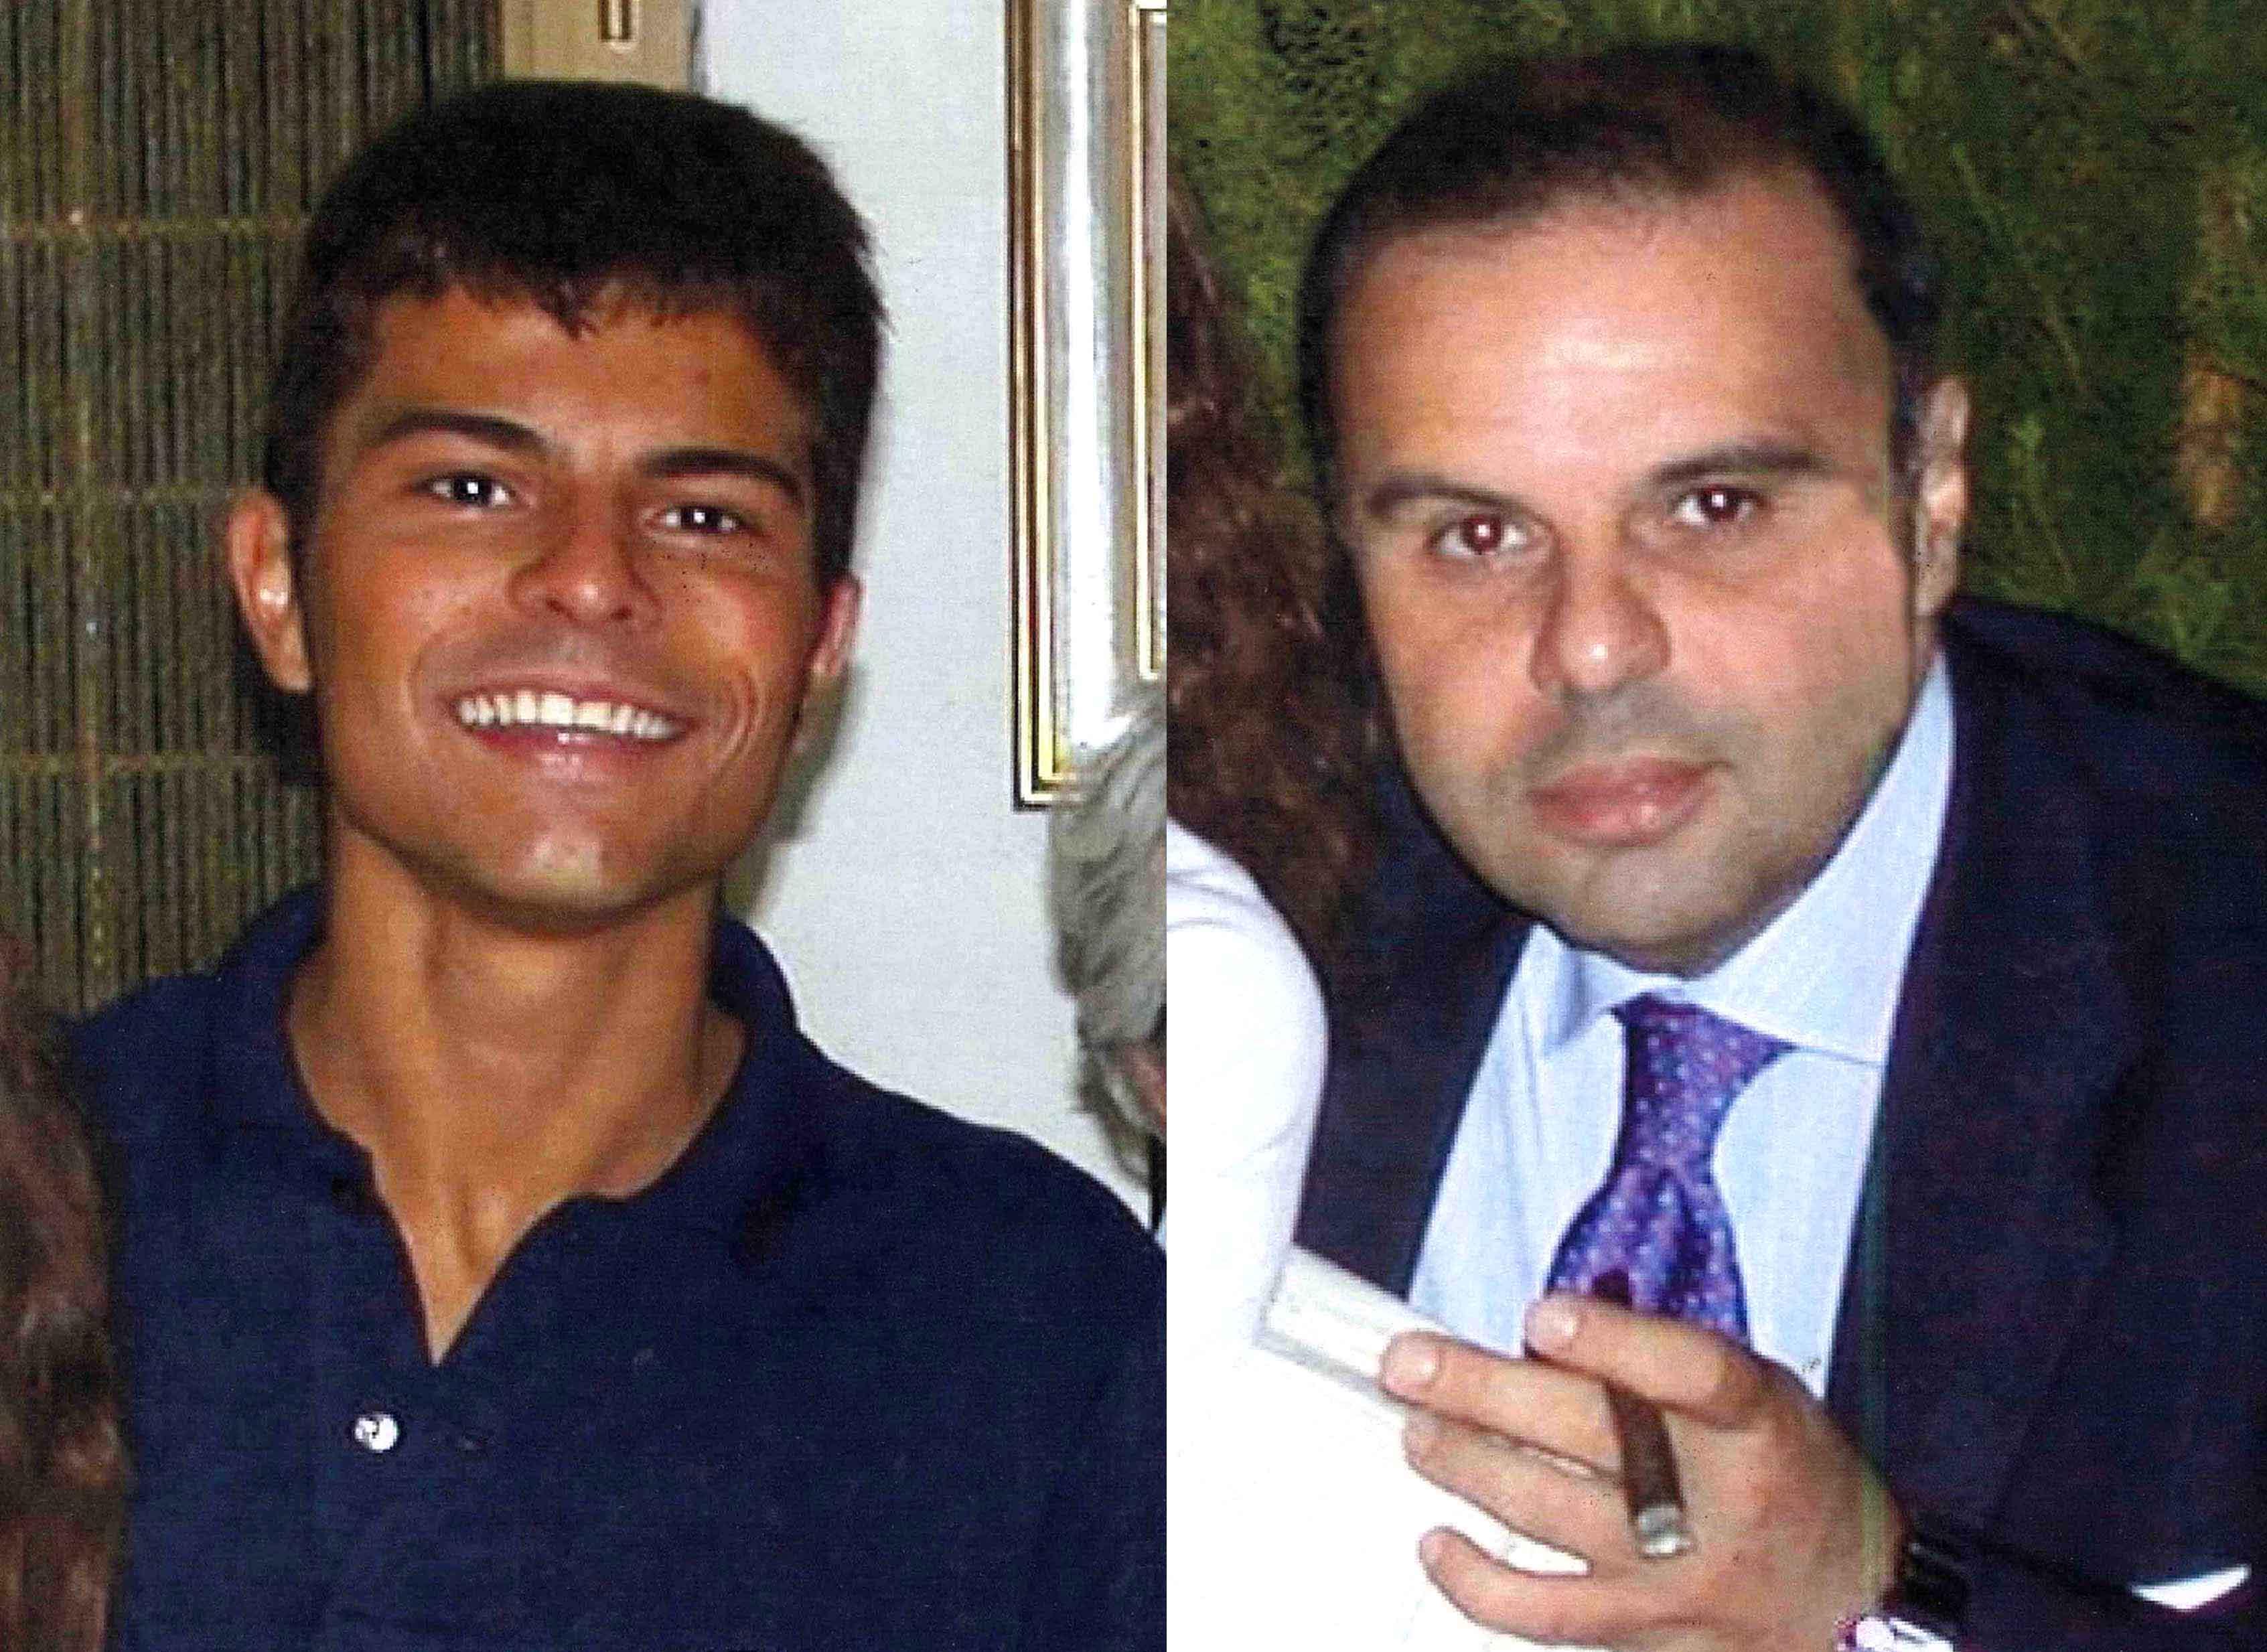 Arrestato a Palermo ex socio dei Maiorana per una pistola